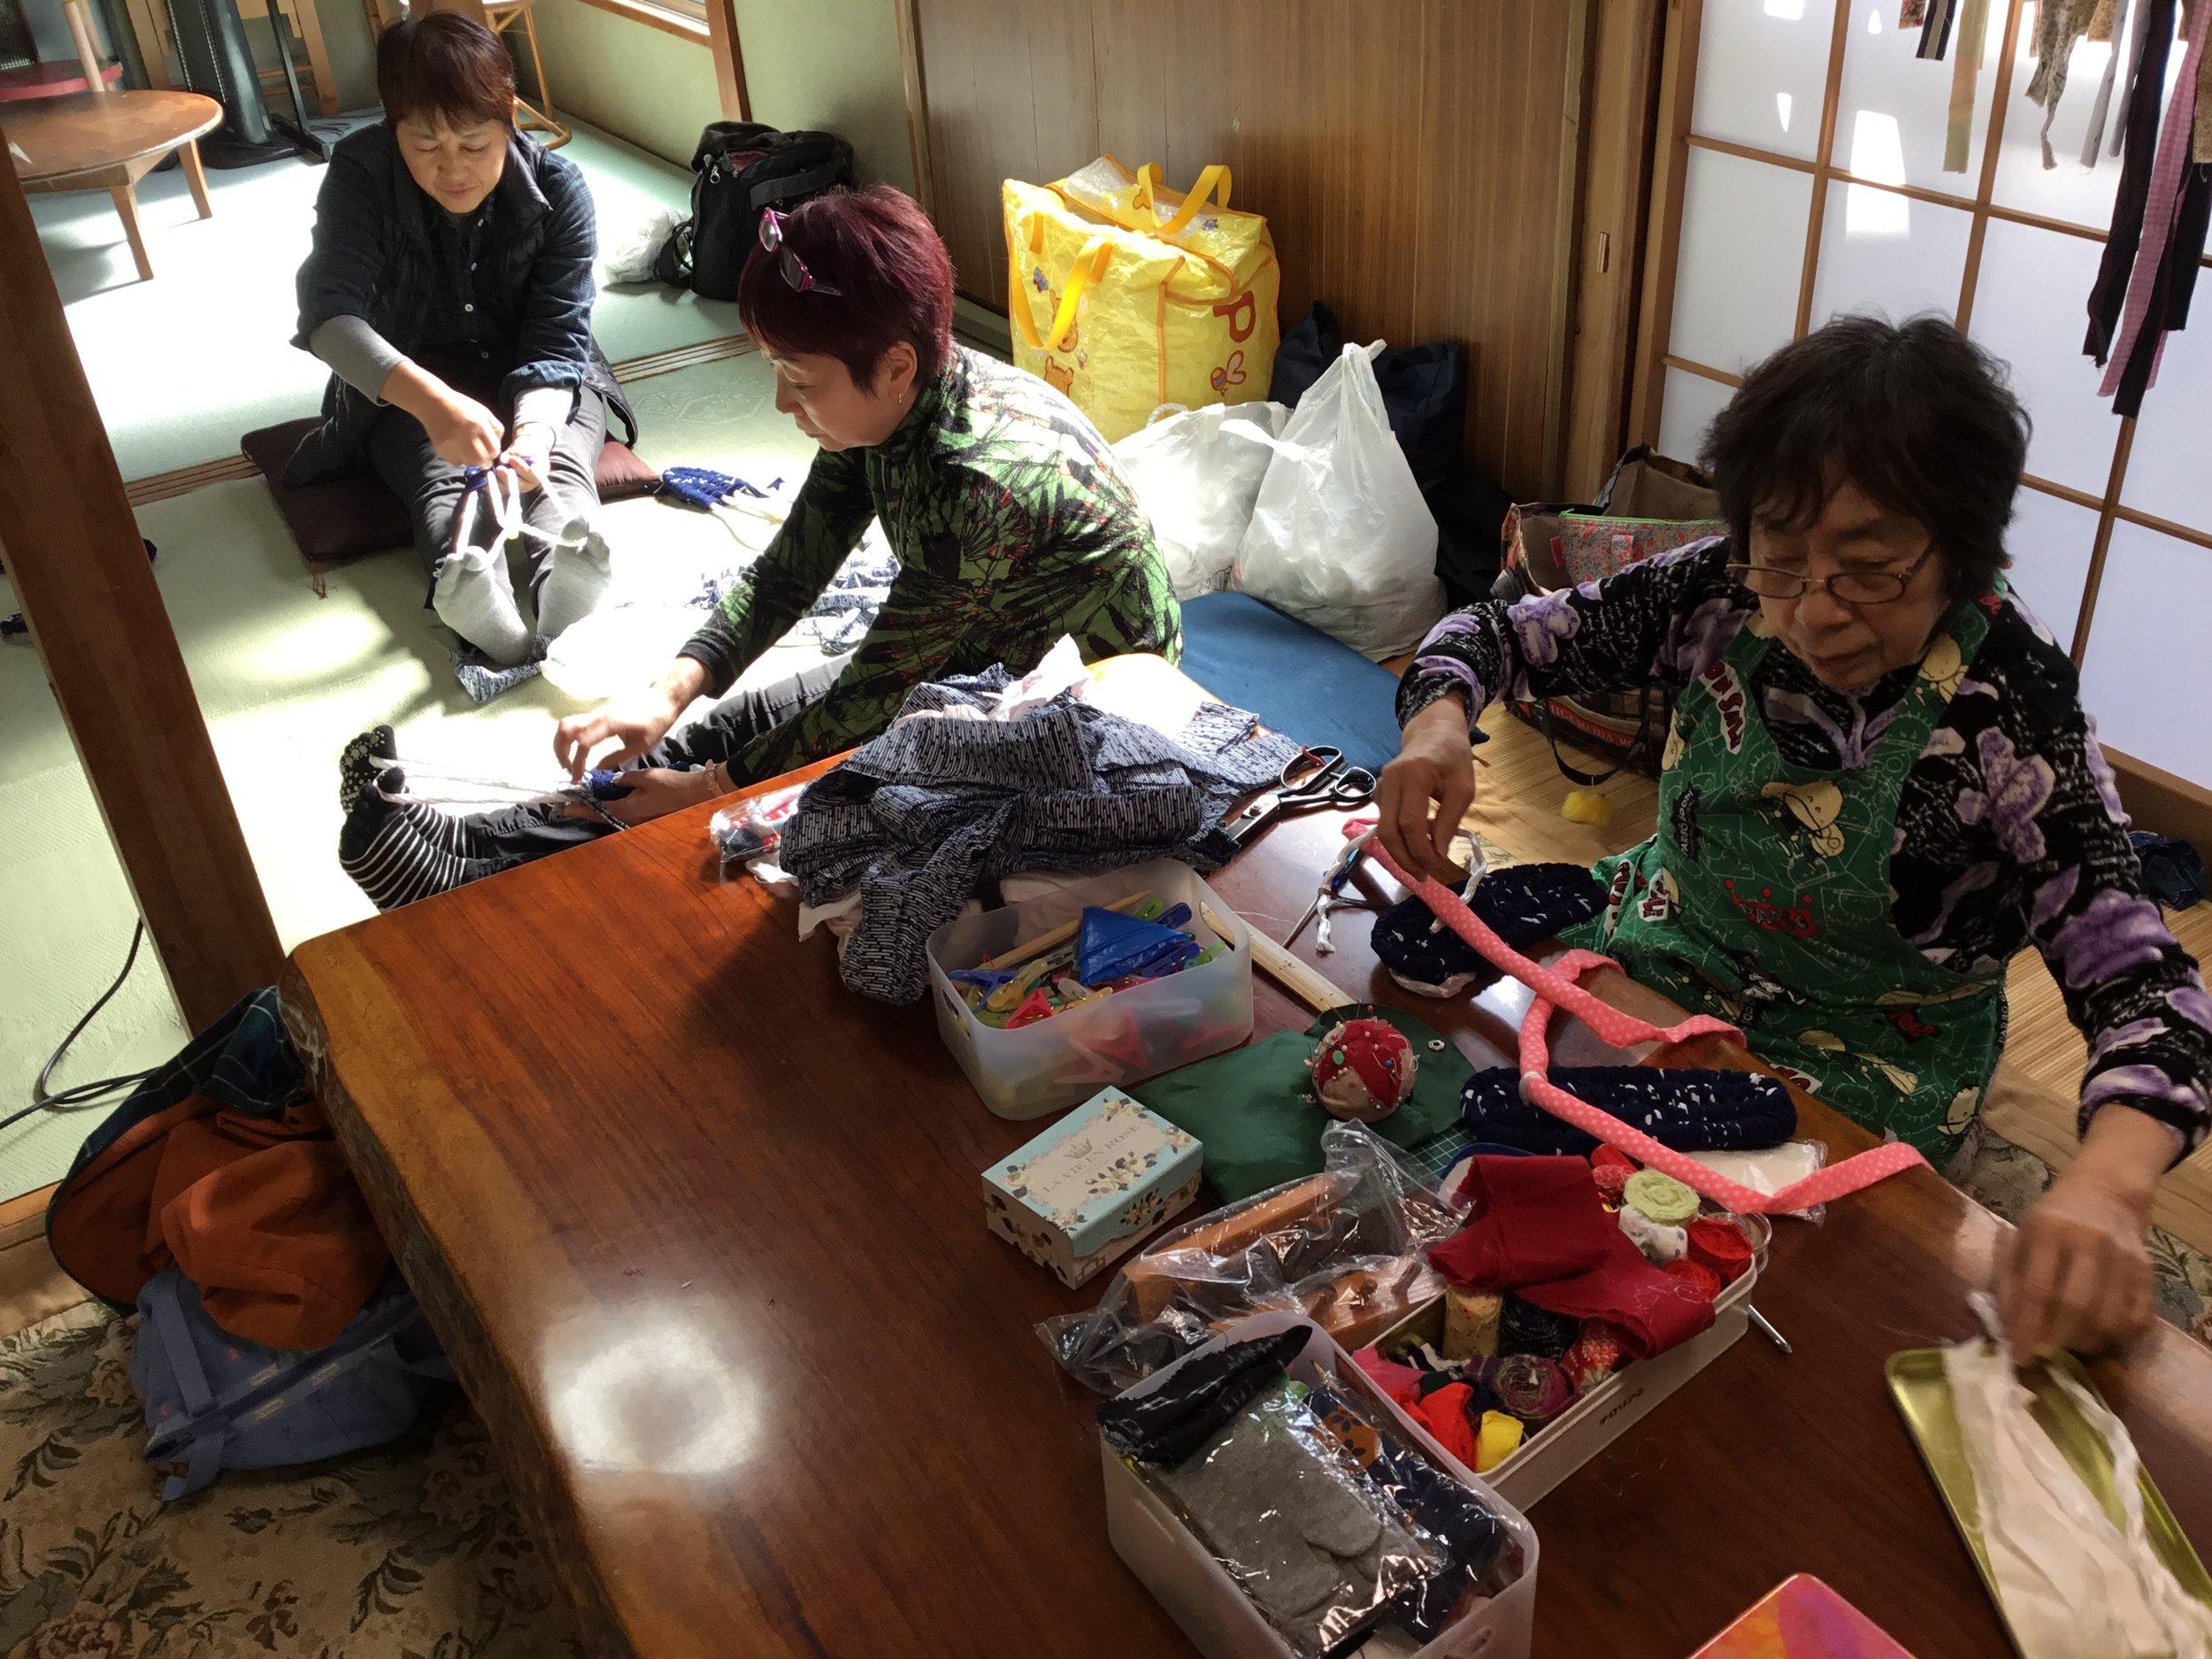 布ぞうりをつくろう - 第1火曜日 10:00~15:00使っていない布を使って草履を作ります。